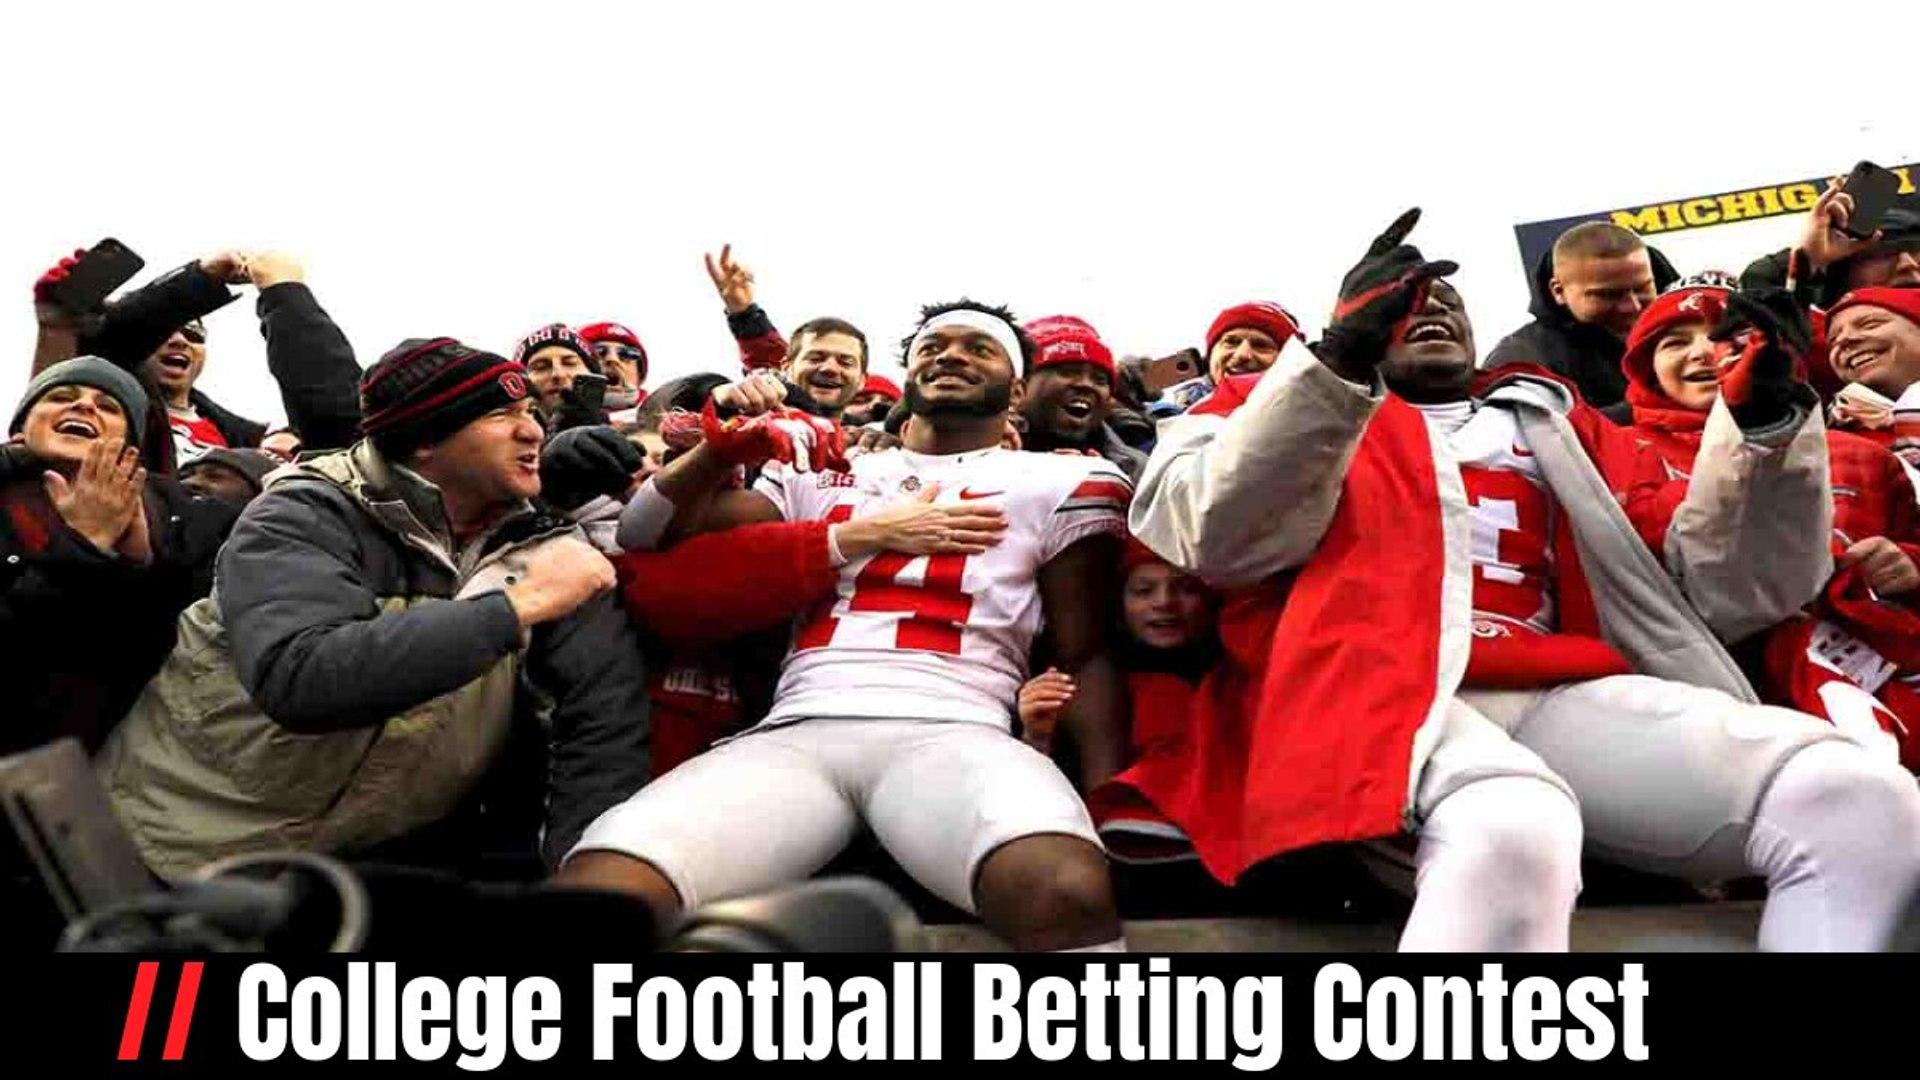 ncaa football betting videos graciosos